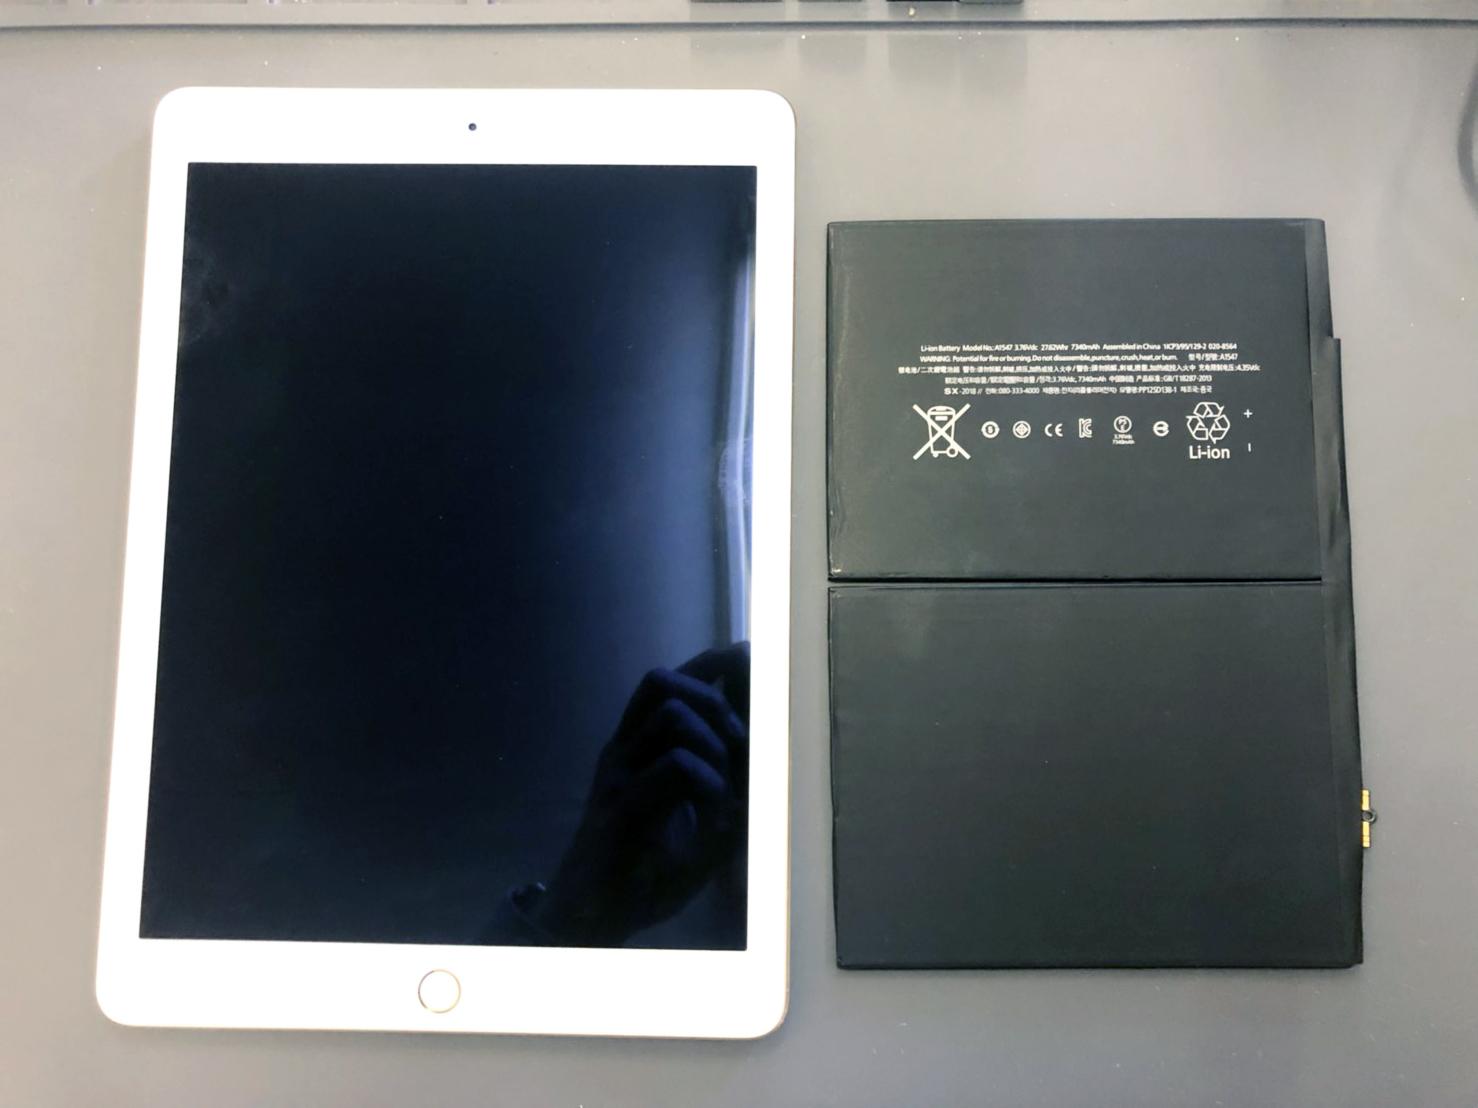 Ipad バッテリー 交換 【iPad】寿命かな?バッテリーの交換時期の目安や金額について解説!